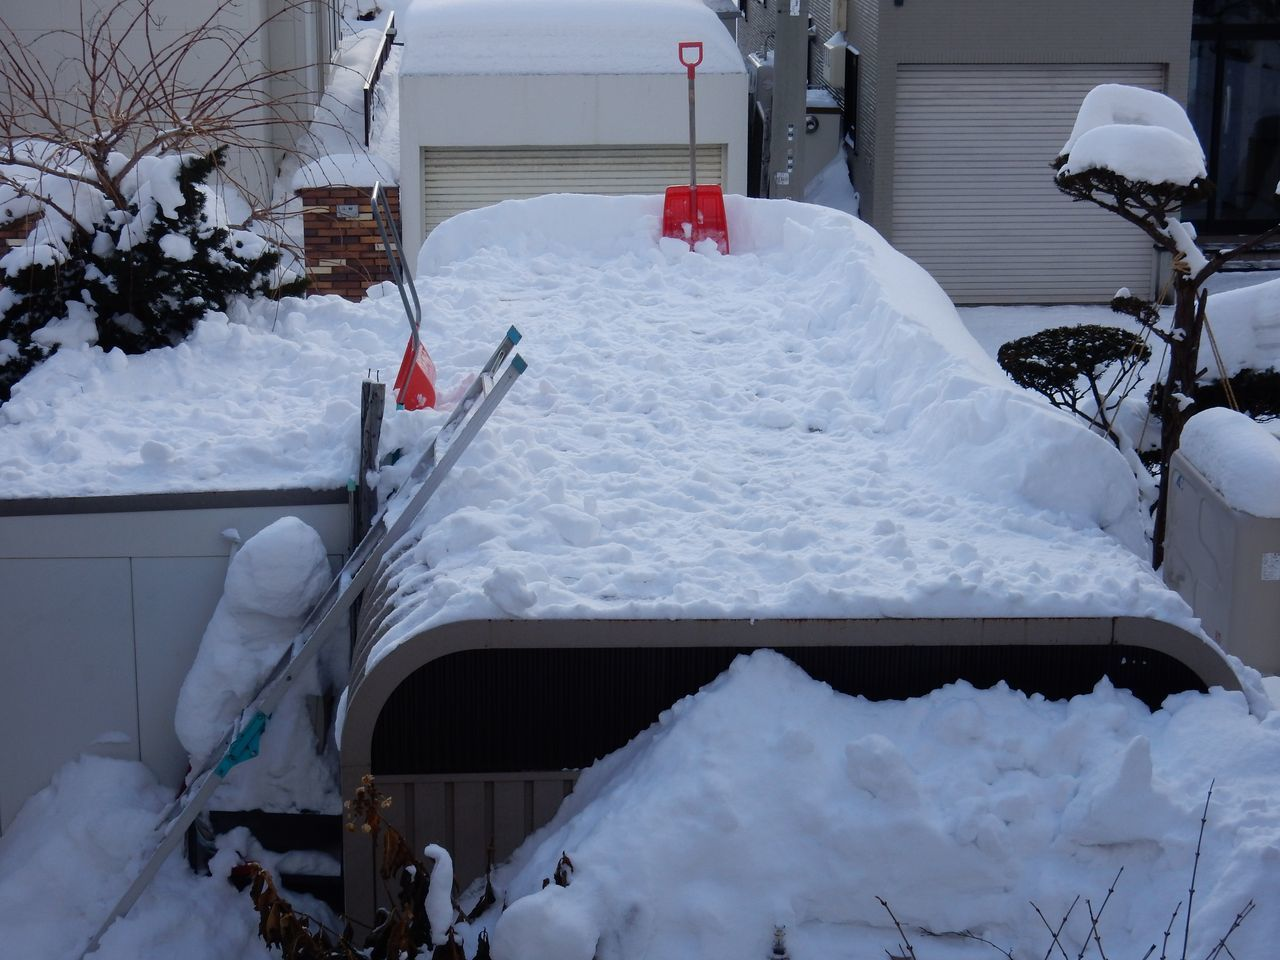 真冬日でもとける雪_c0025115_21021299.jpg